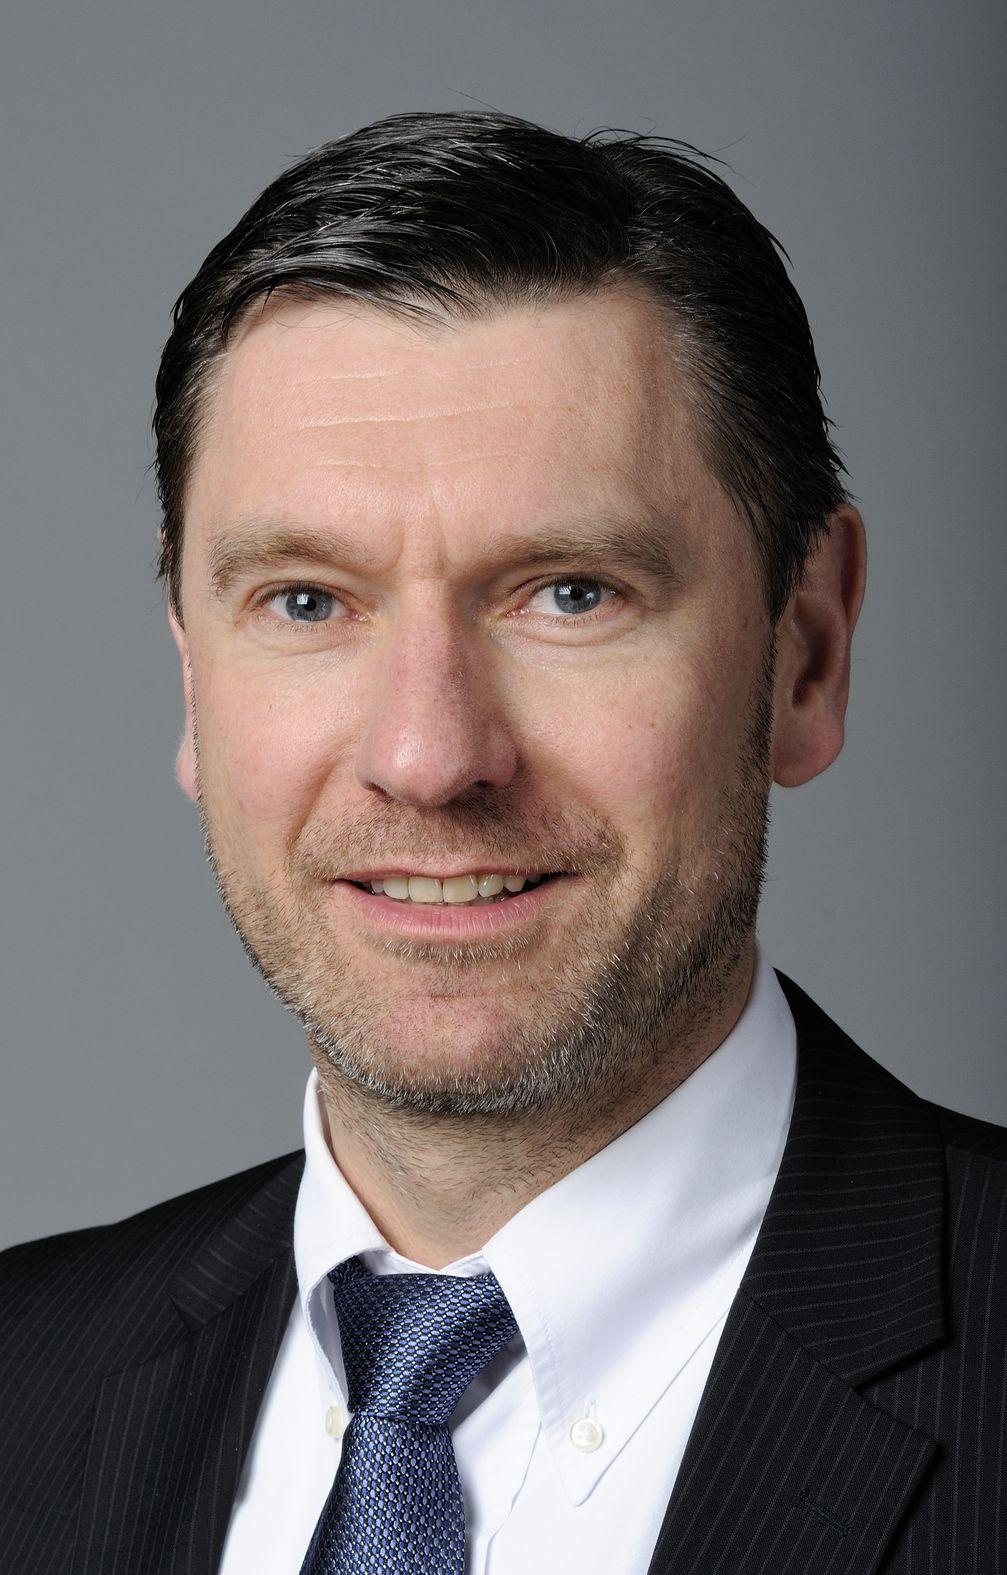 Andreas Bialas, 2013